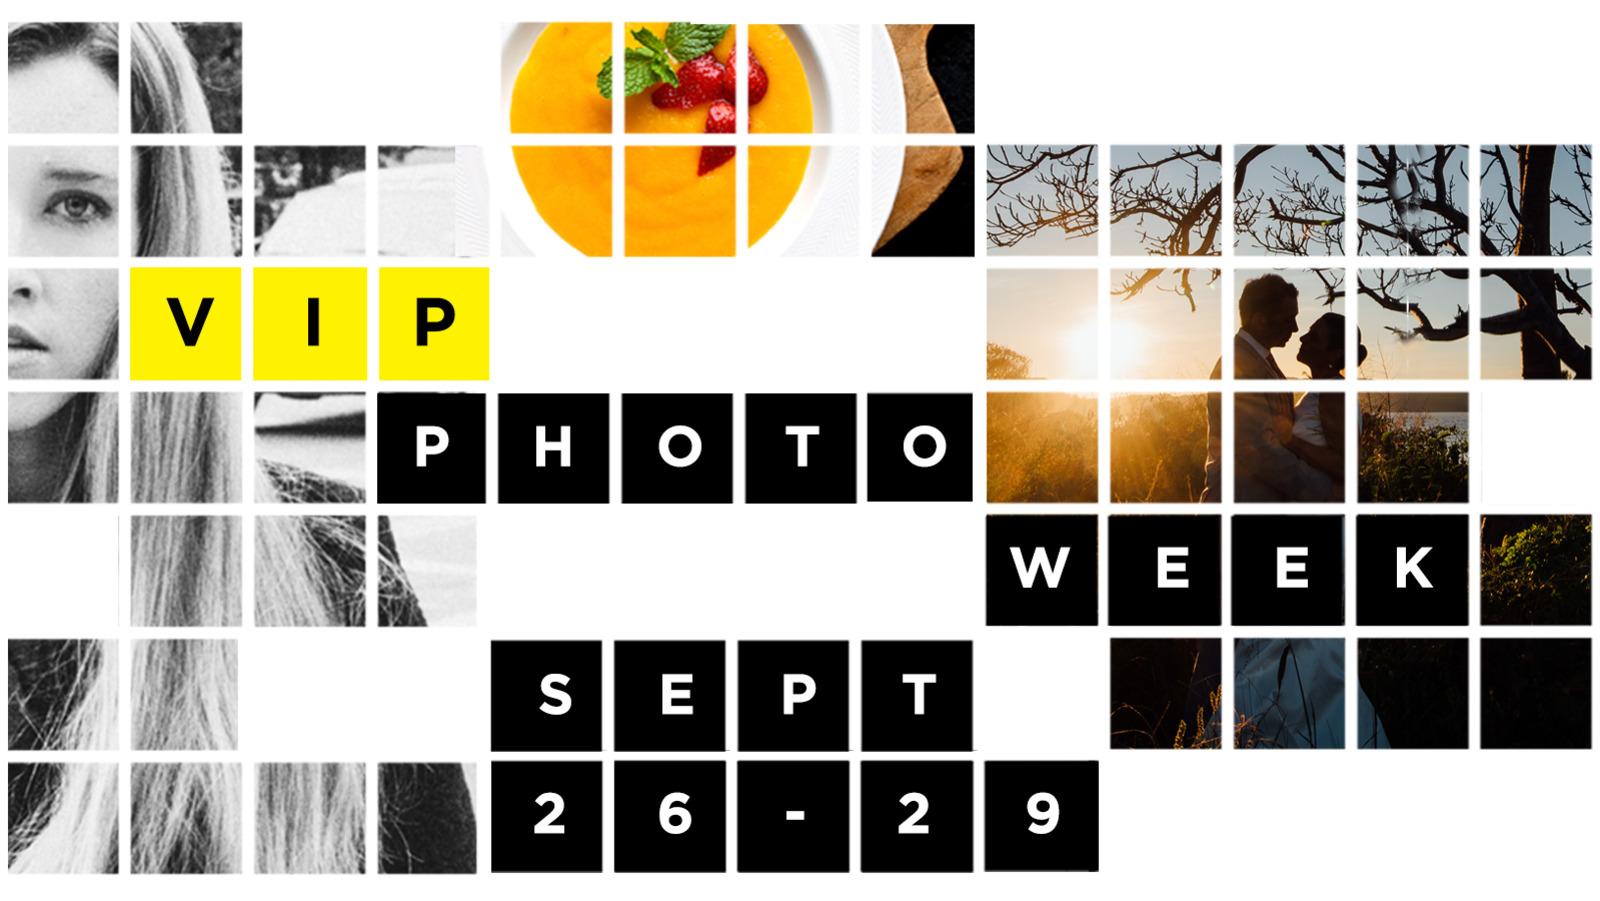 VIP-Photo-Week